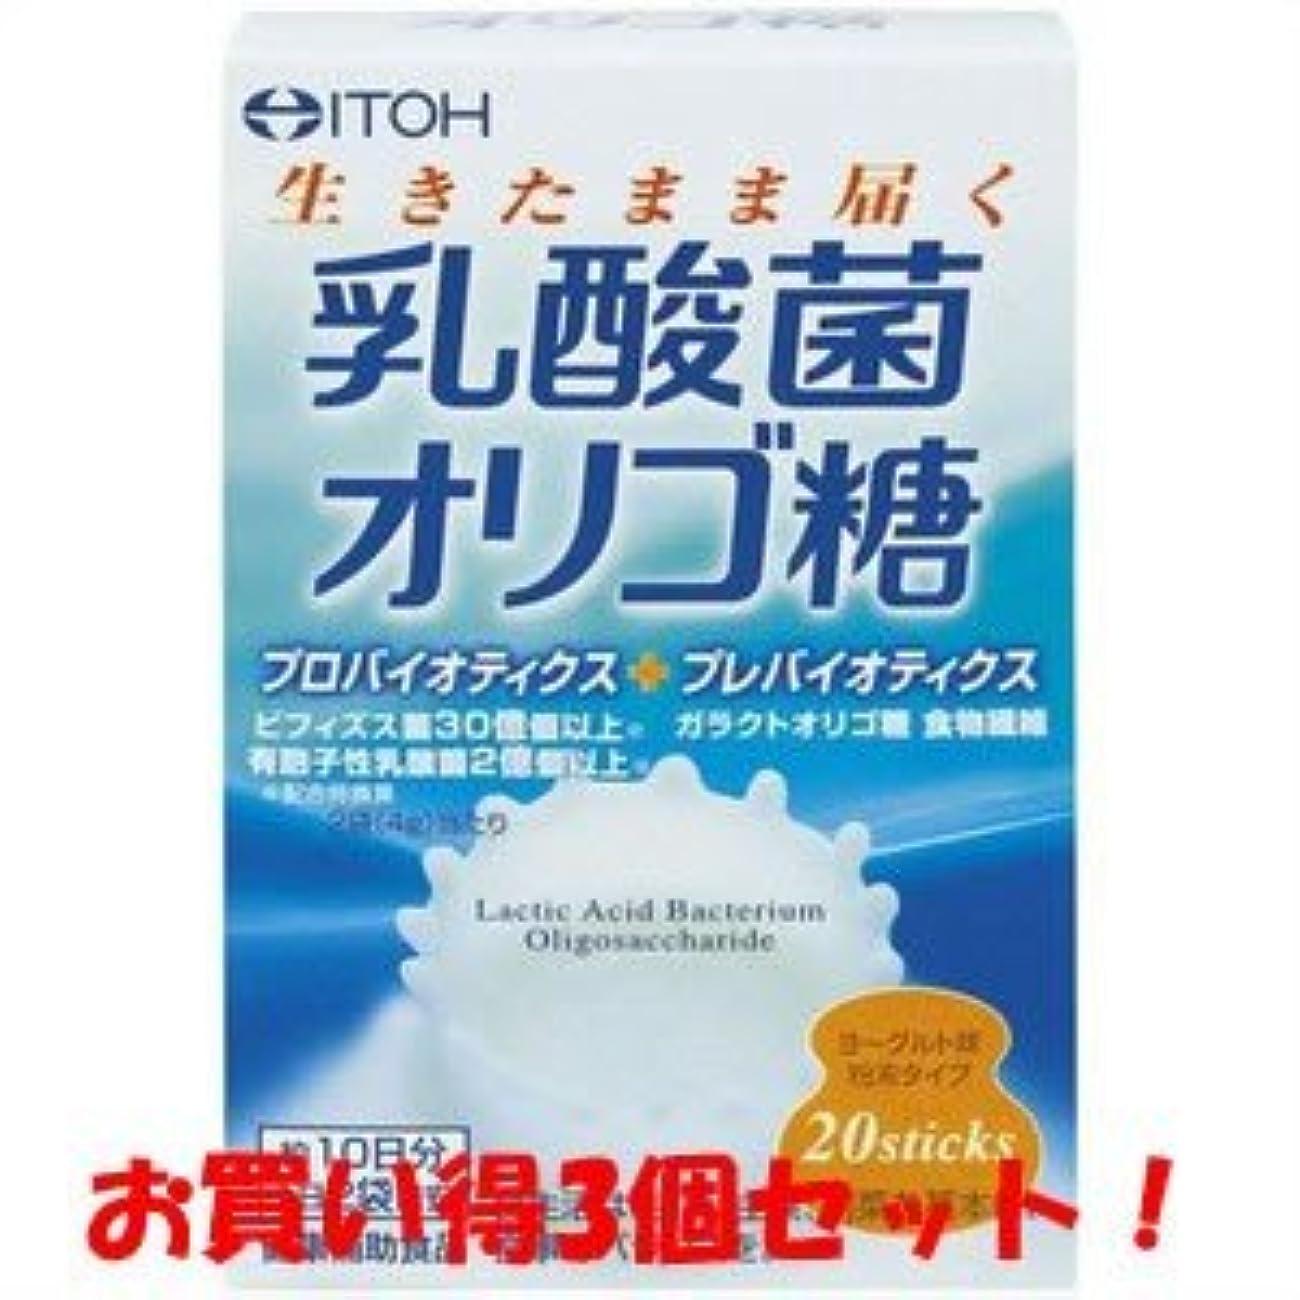 厳密に外向き首謀者【井藤漢方製薬】乳酸菌オリゴ糖 40g(2g×20スティック)(お買い得3個セット)